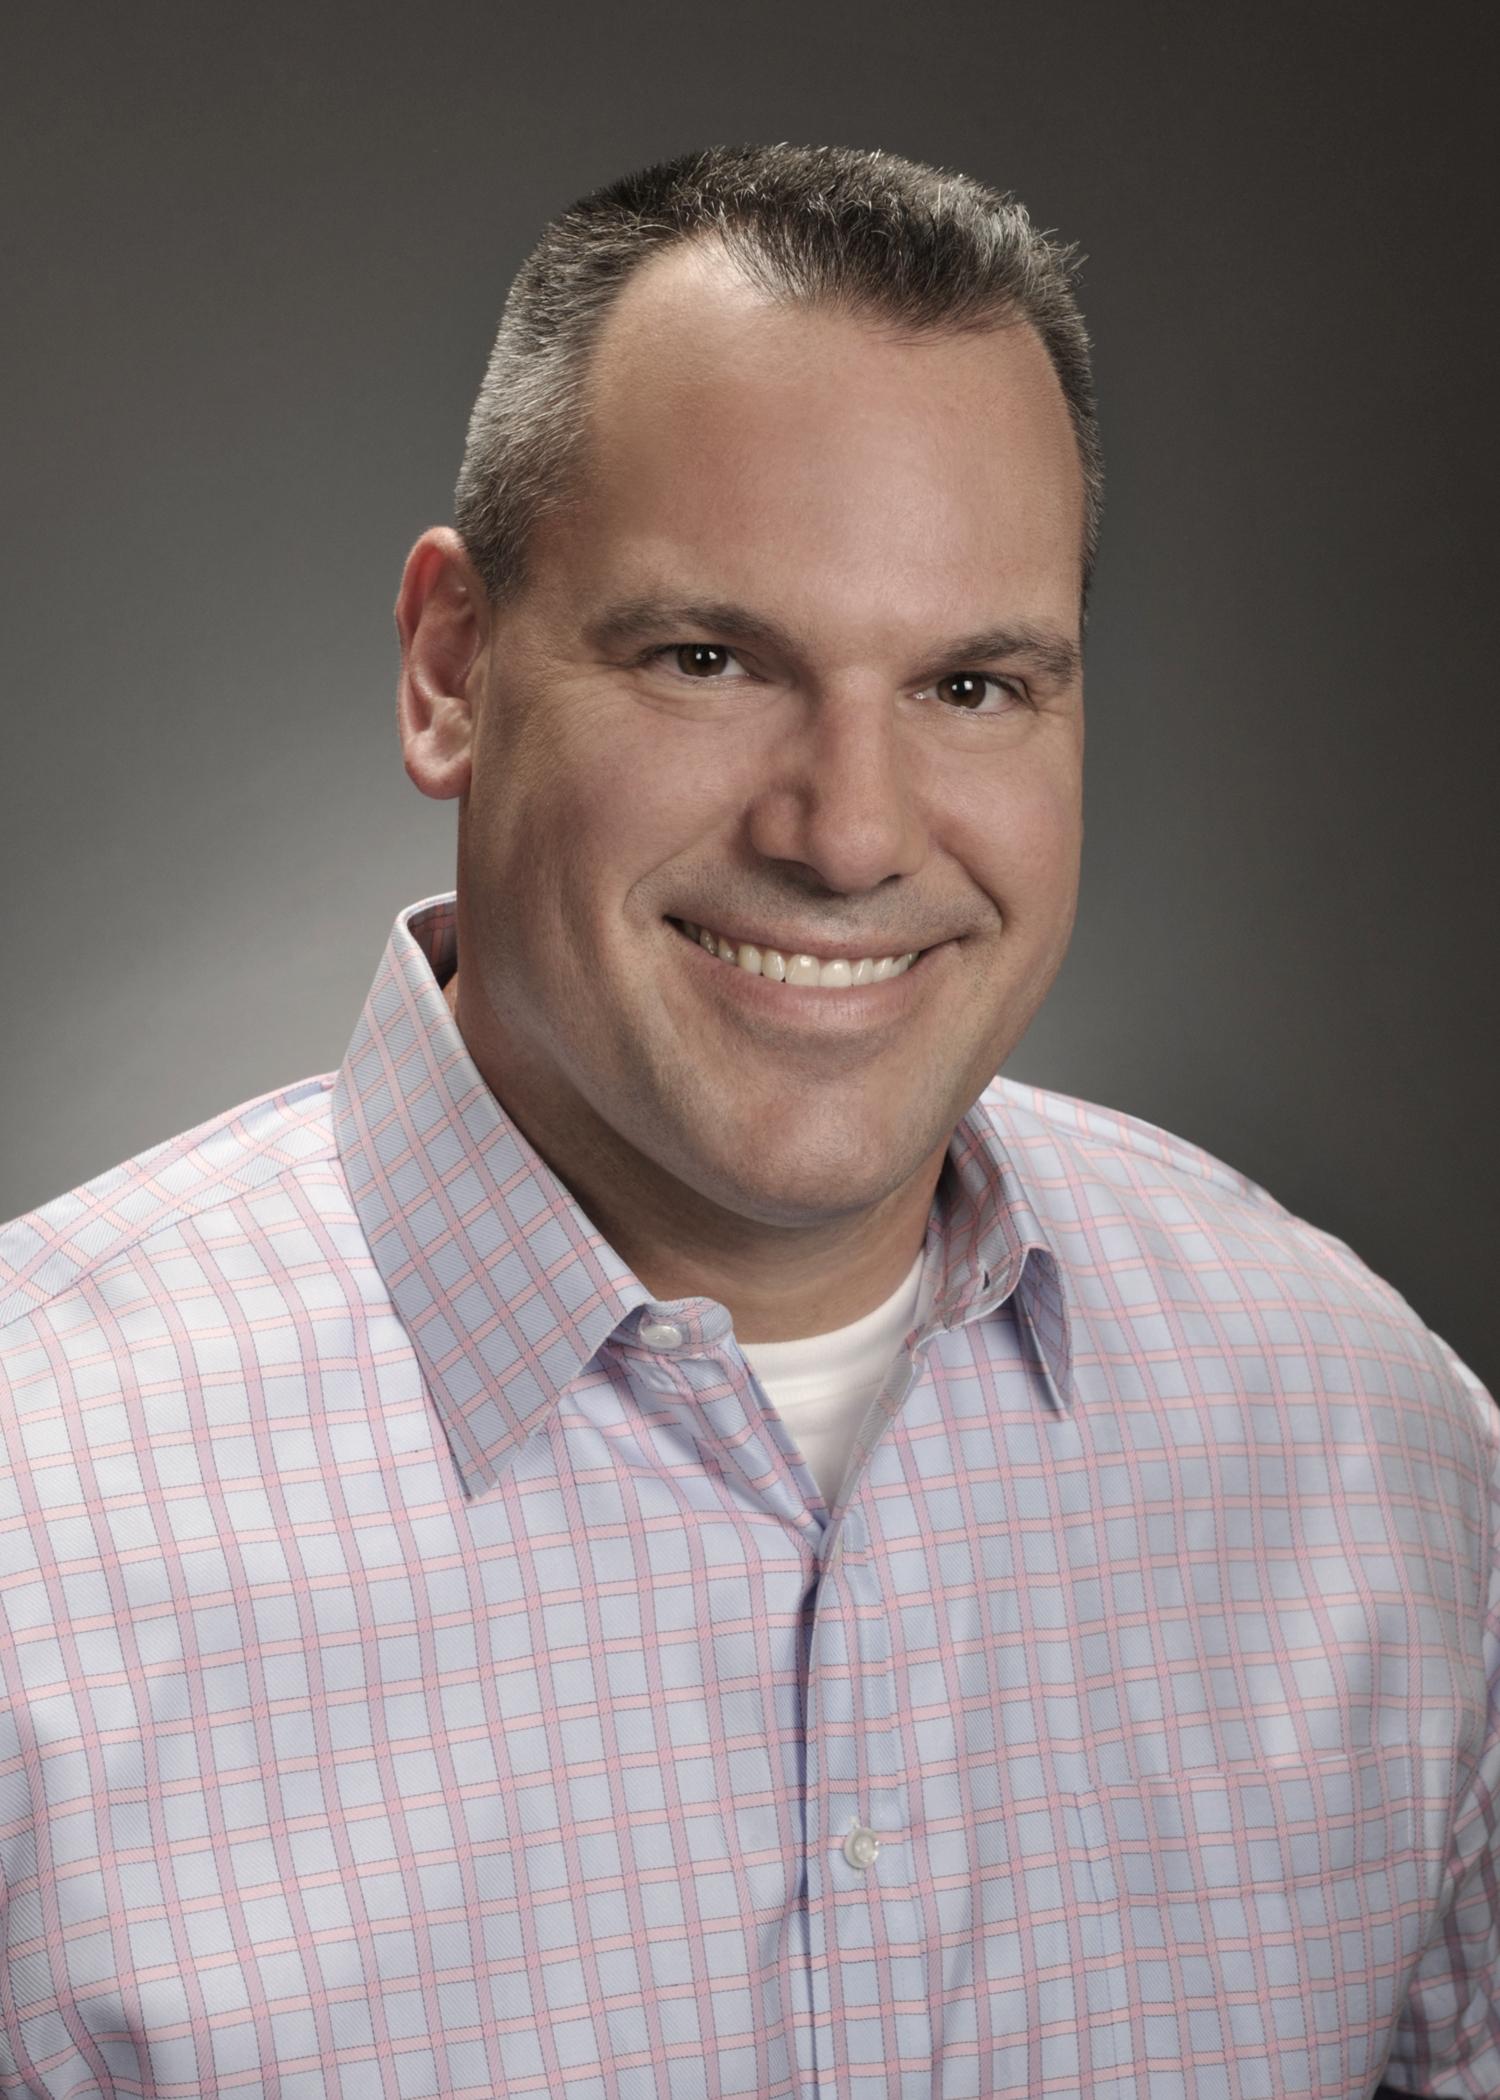 Brad Winkelmann